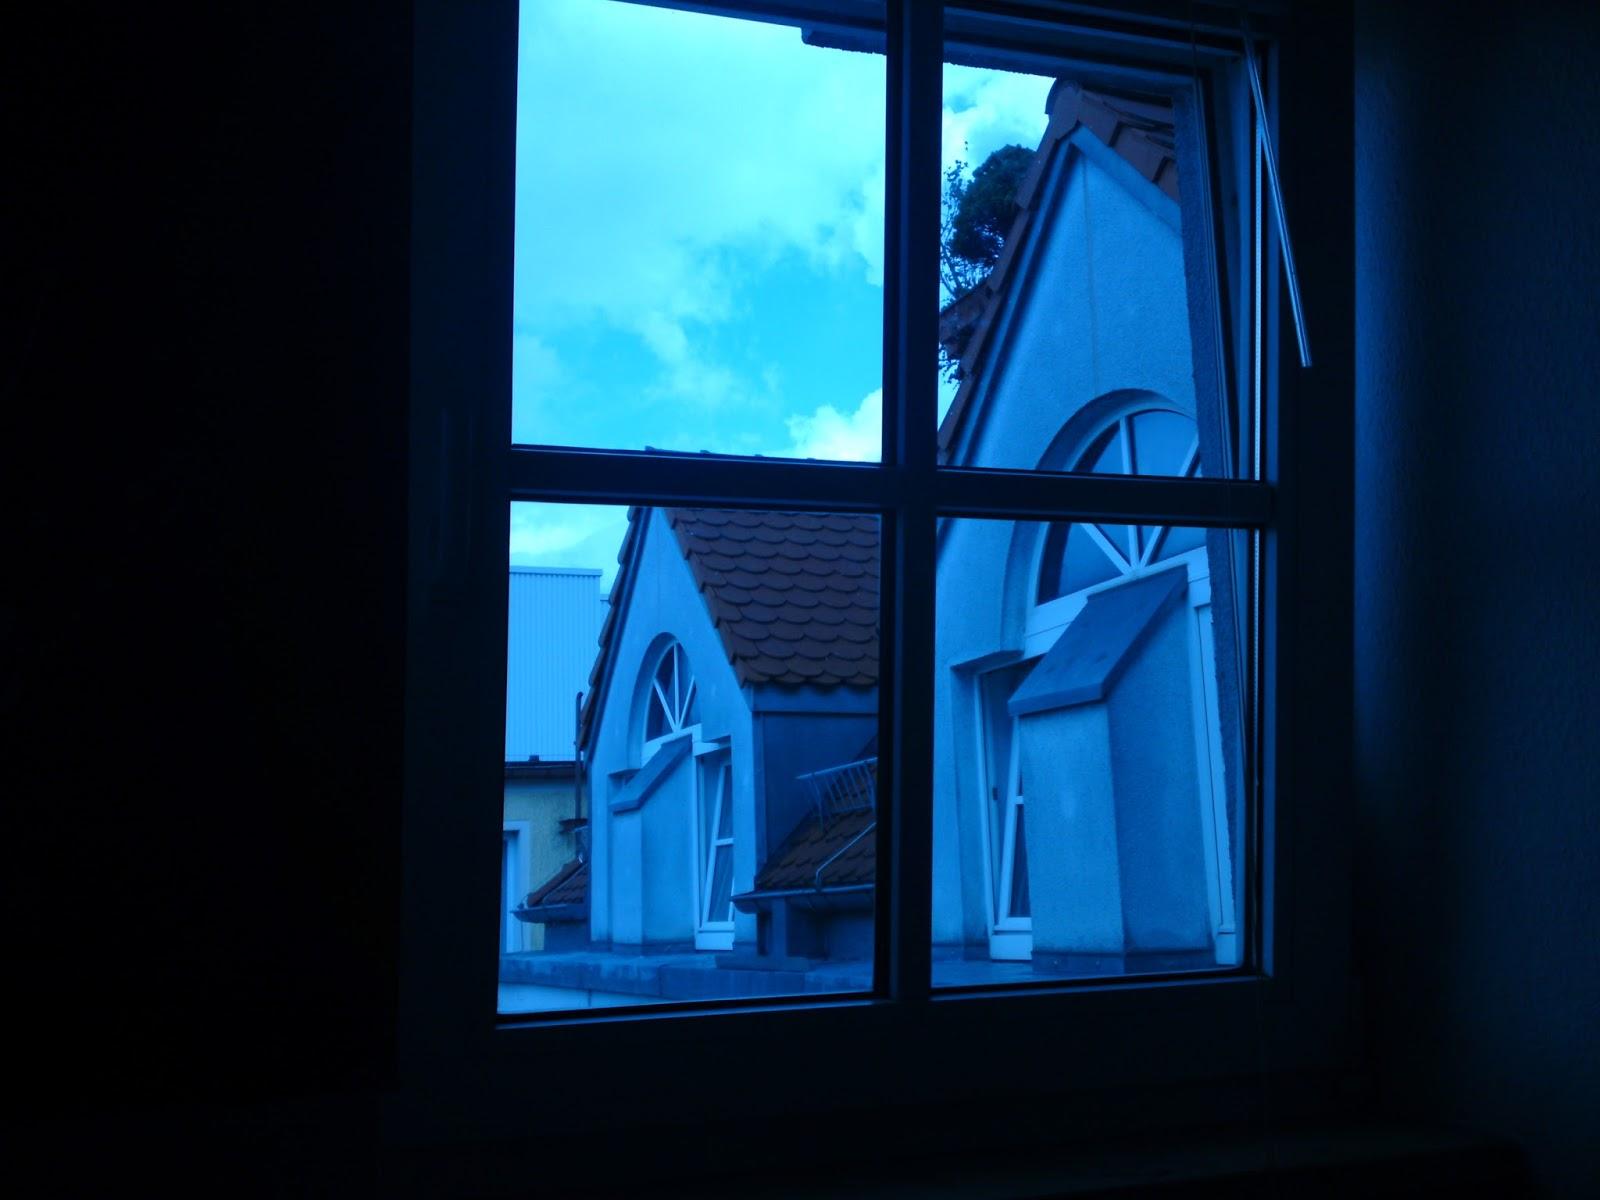 Das Fenster ist angekippt